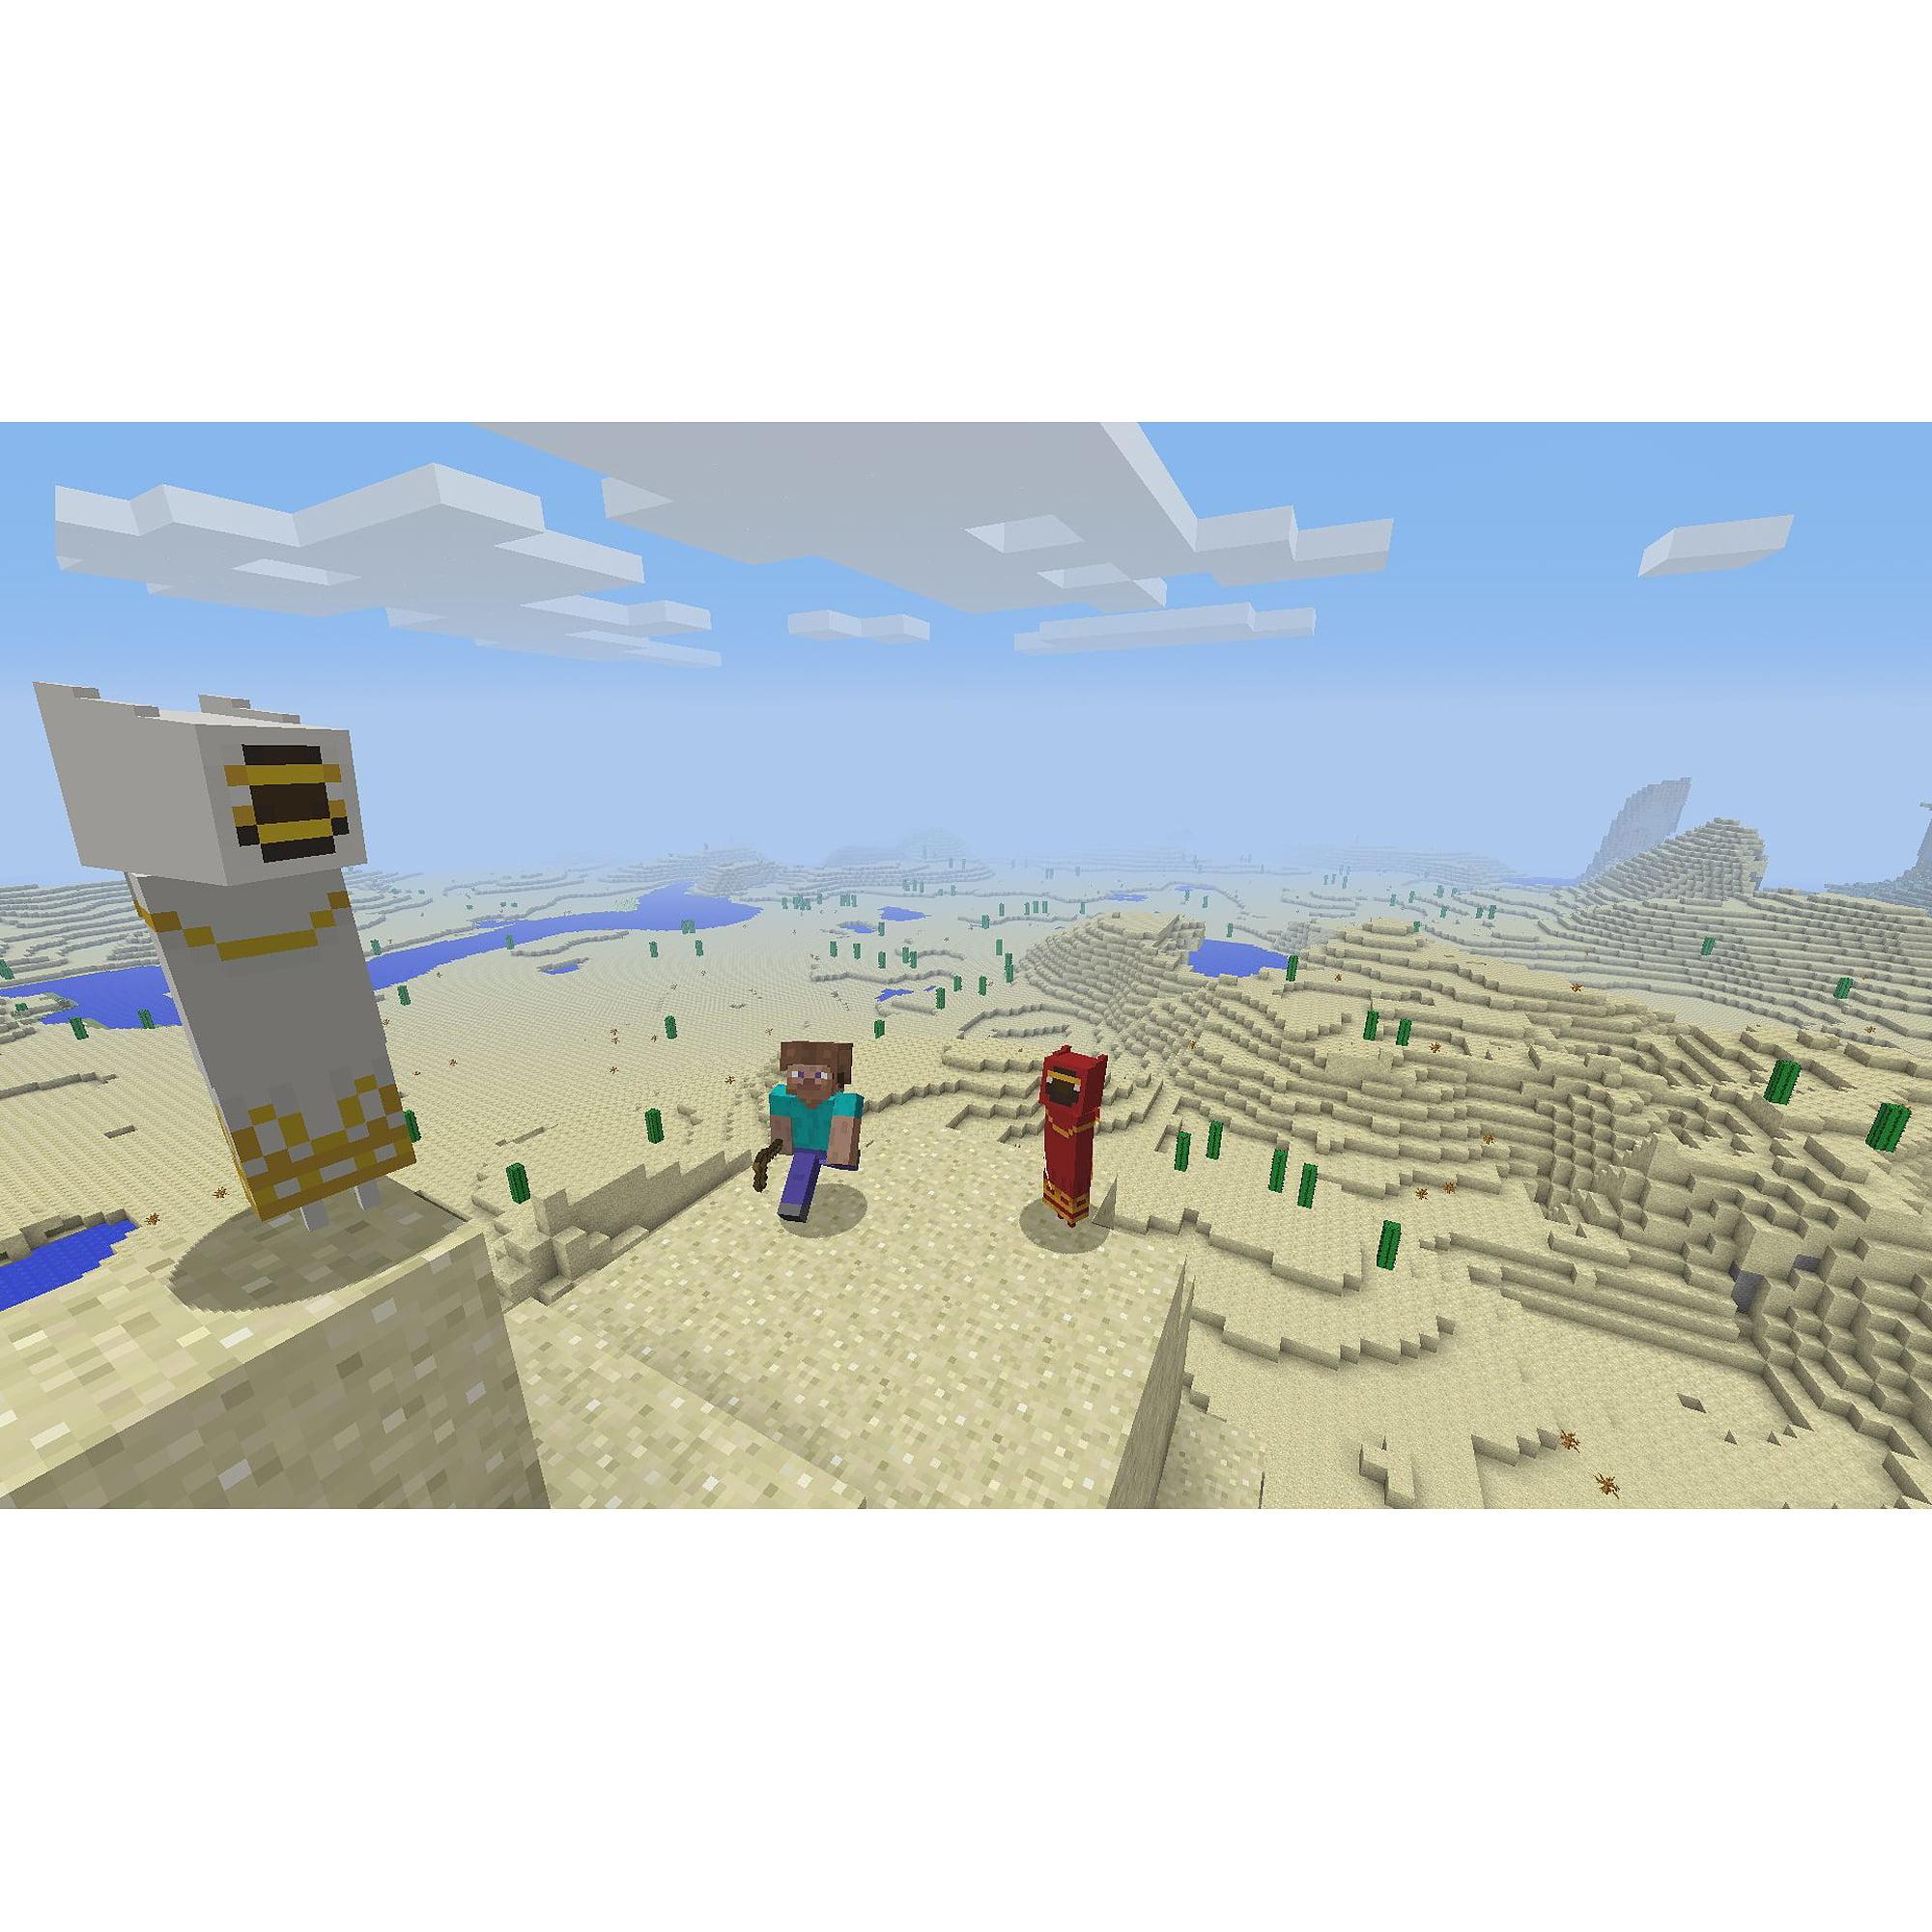 Minecraft Sony PlayStation Walmartcom - Minecraft spiele fur ps4